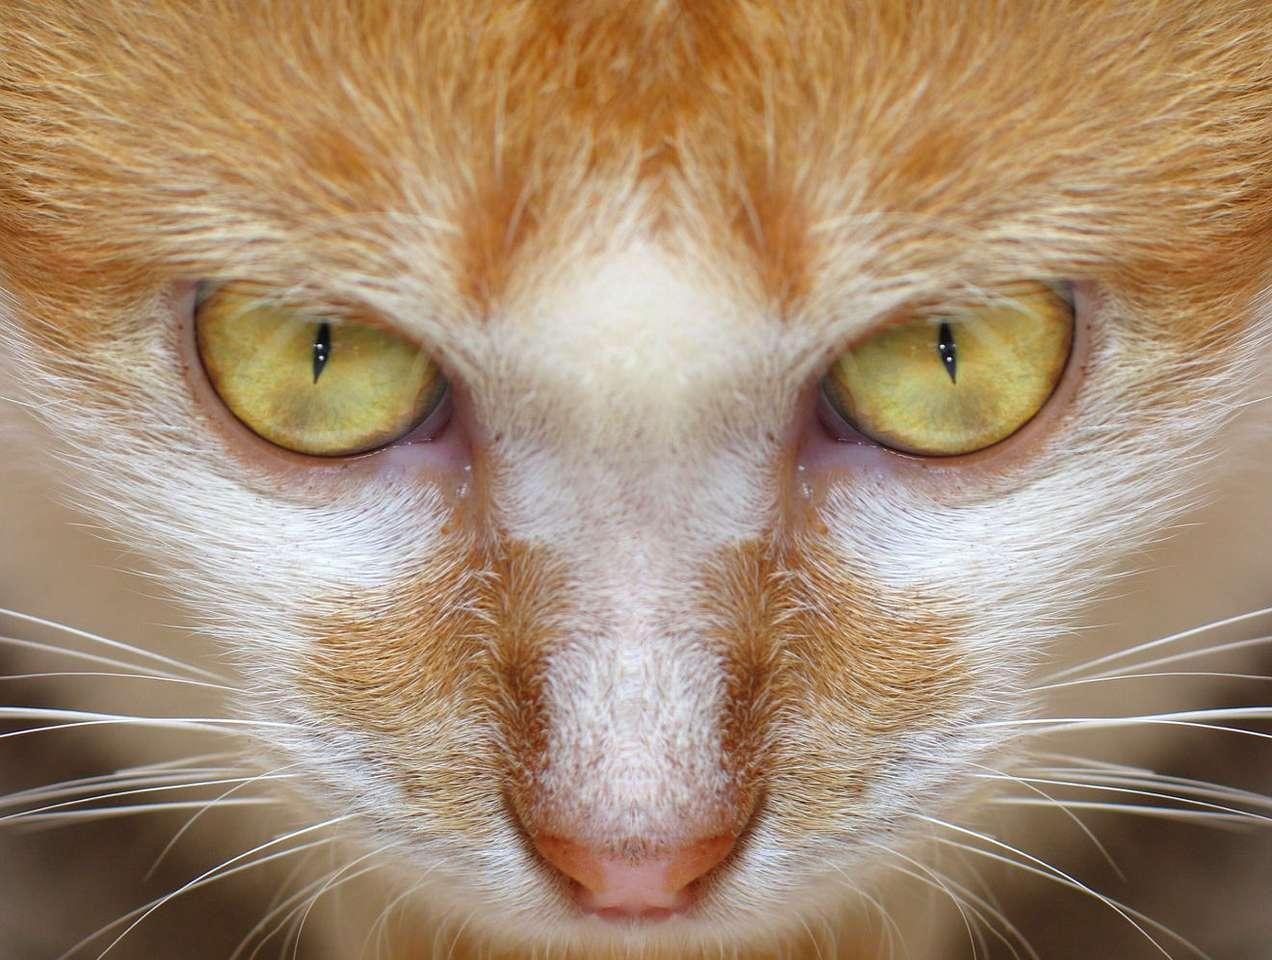 Kot domowy puzzle ze zdjęcia